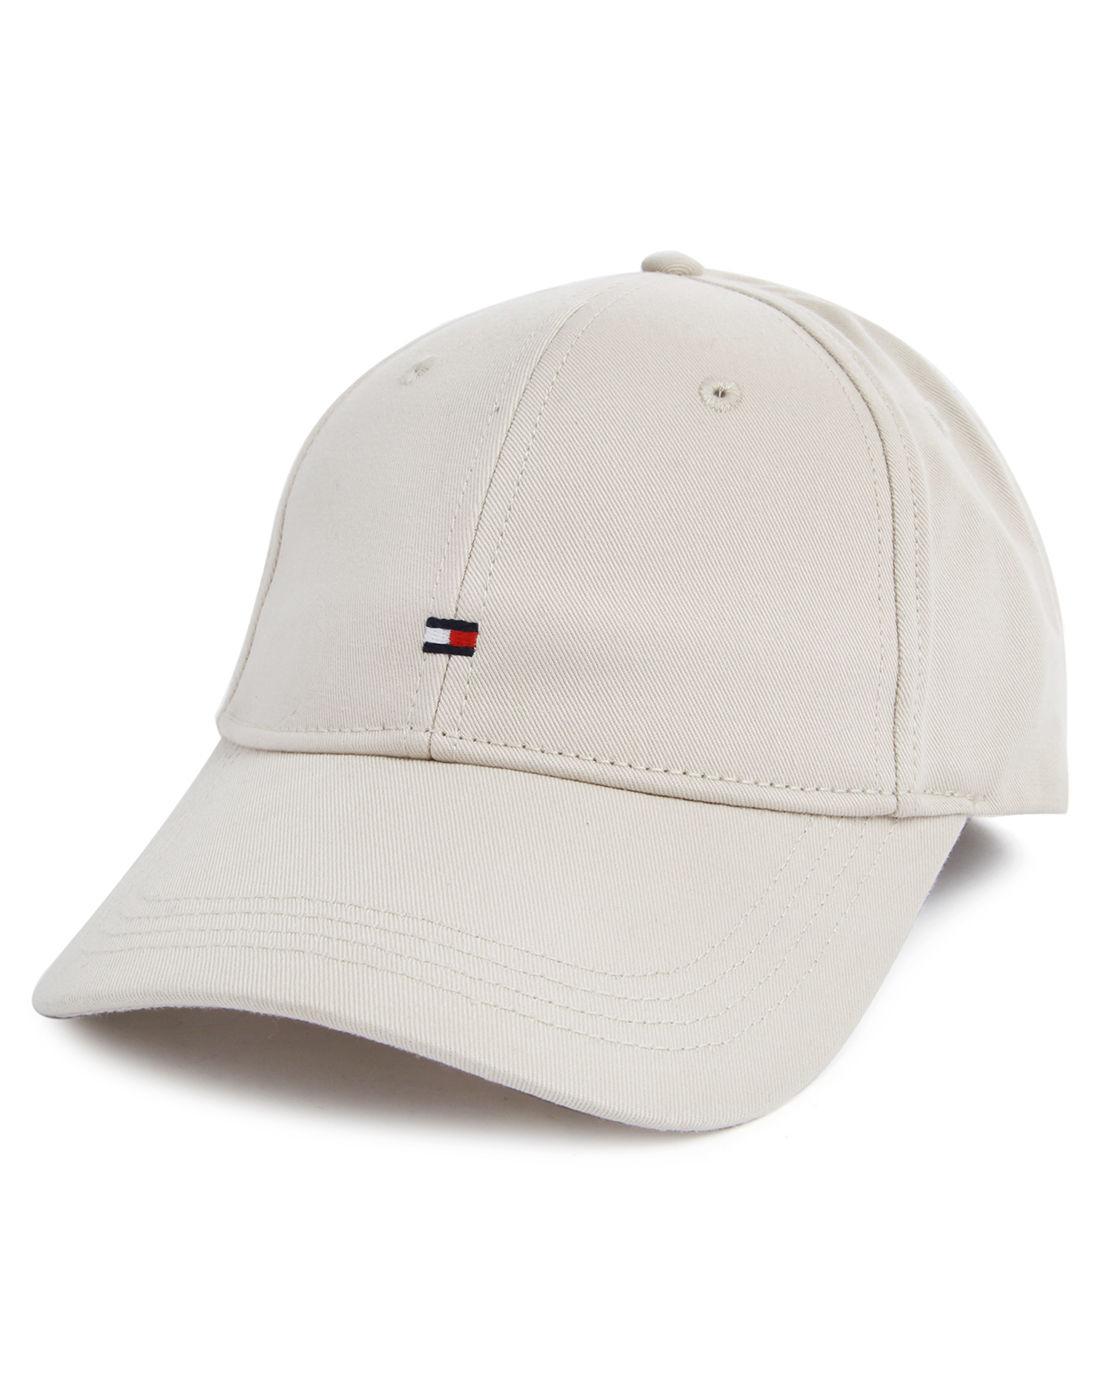 tommy hilfiger sand classic cap in beige for men sand lyst. Black Bedroom Furniture Sets. Home Design Ideas